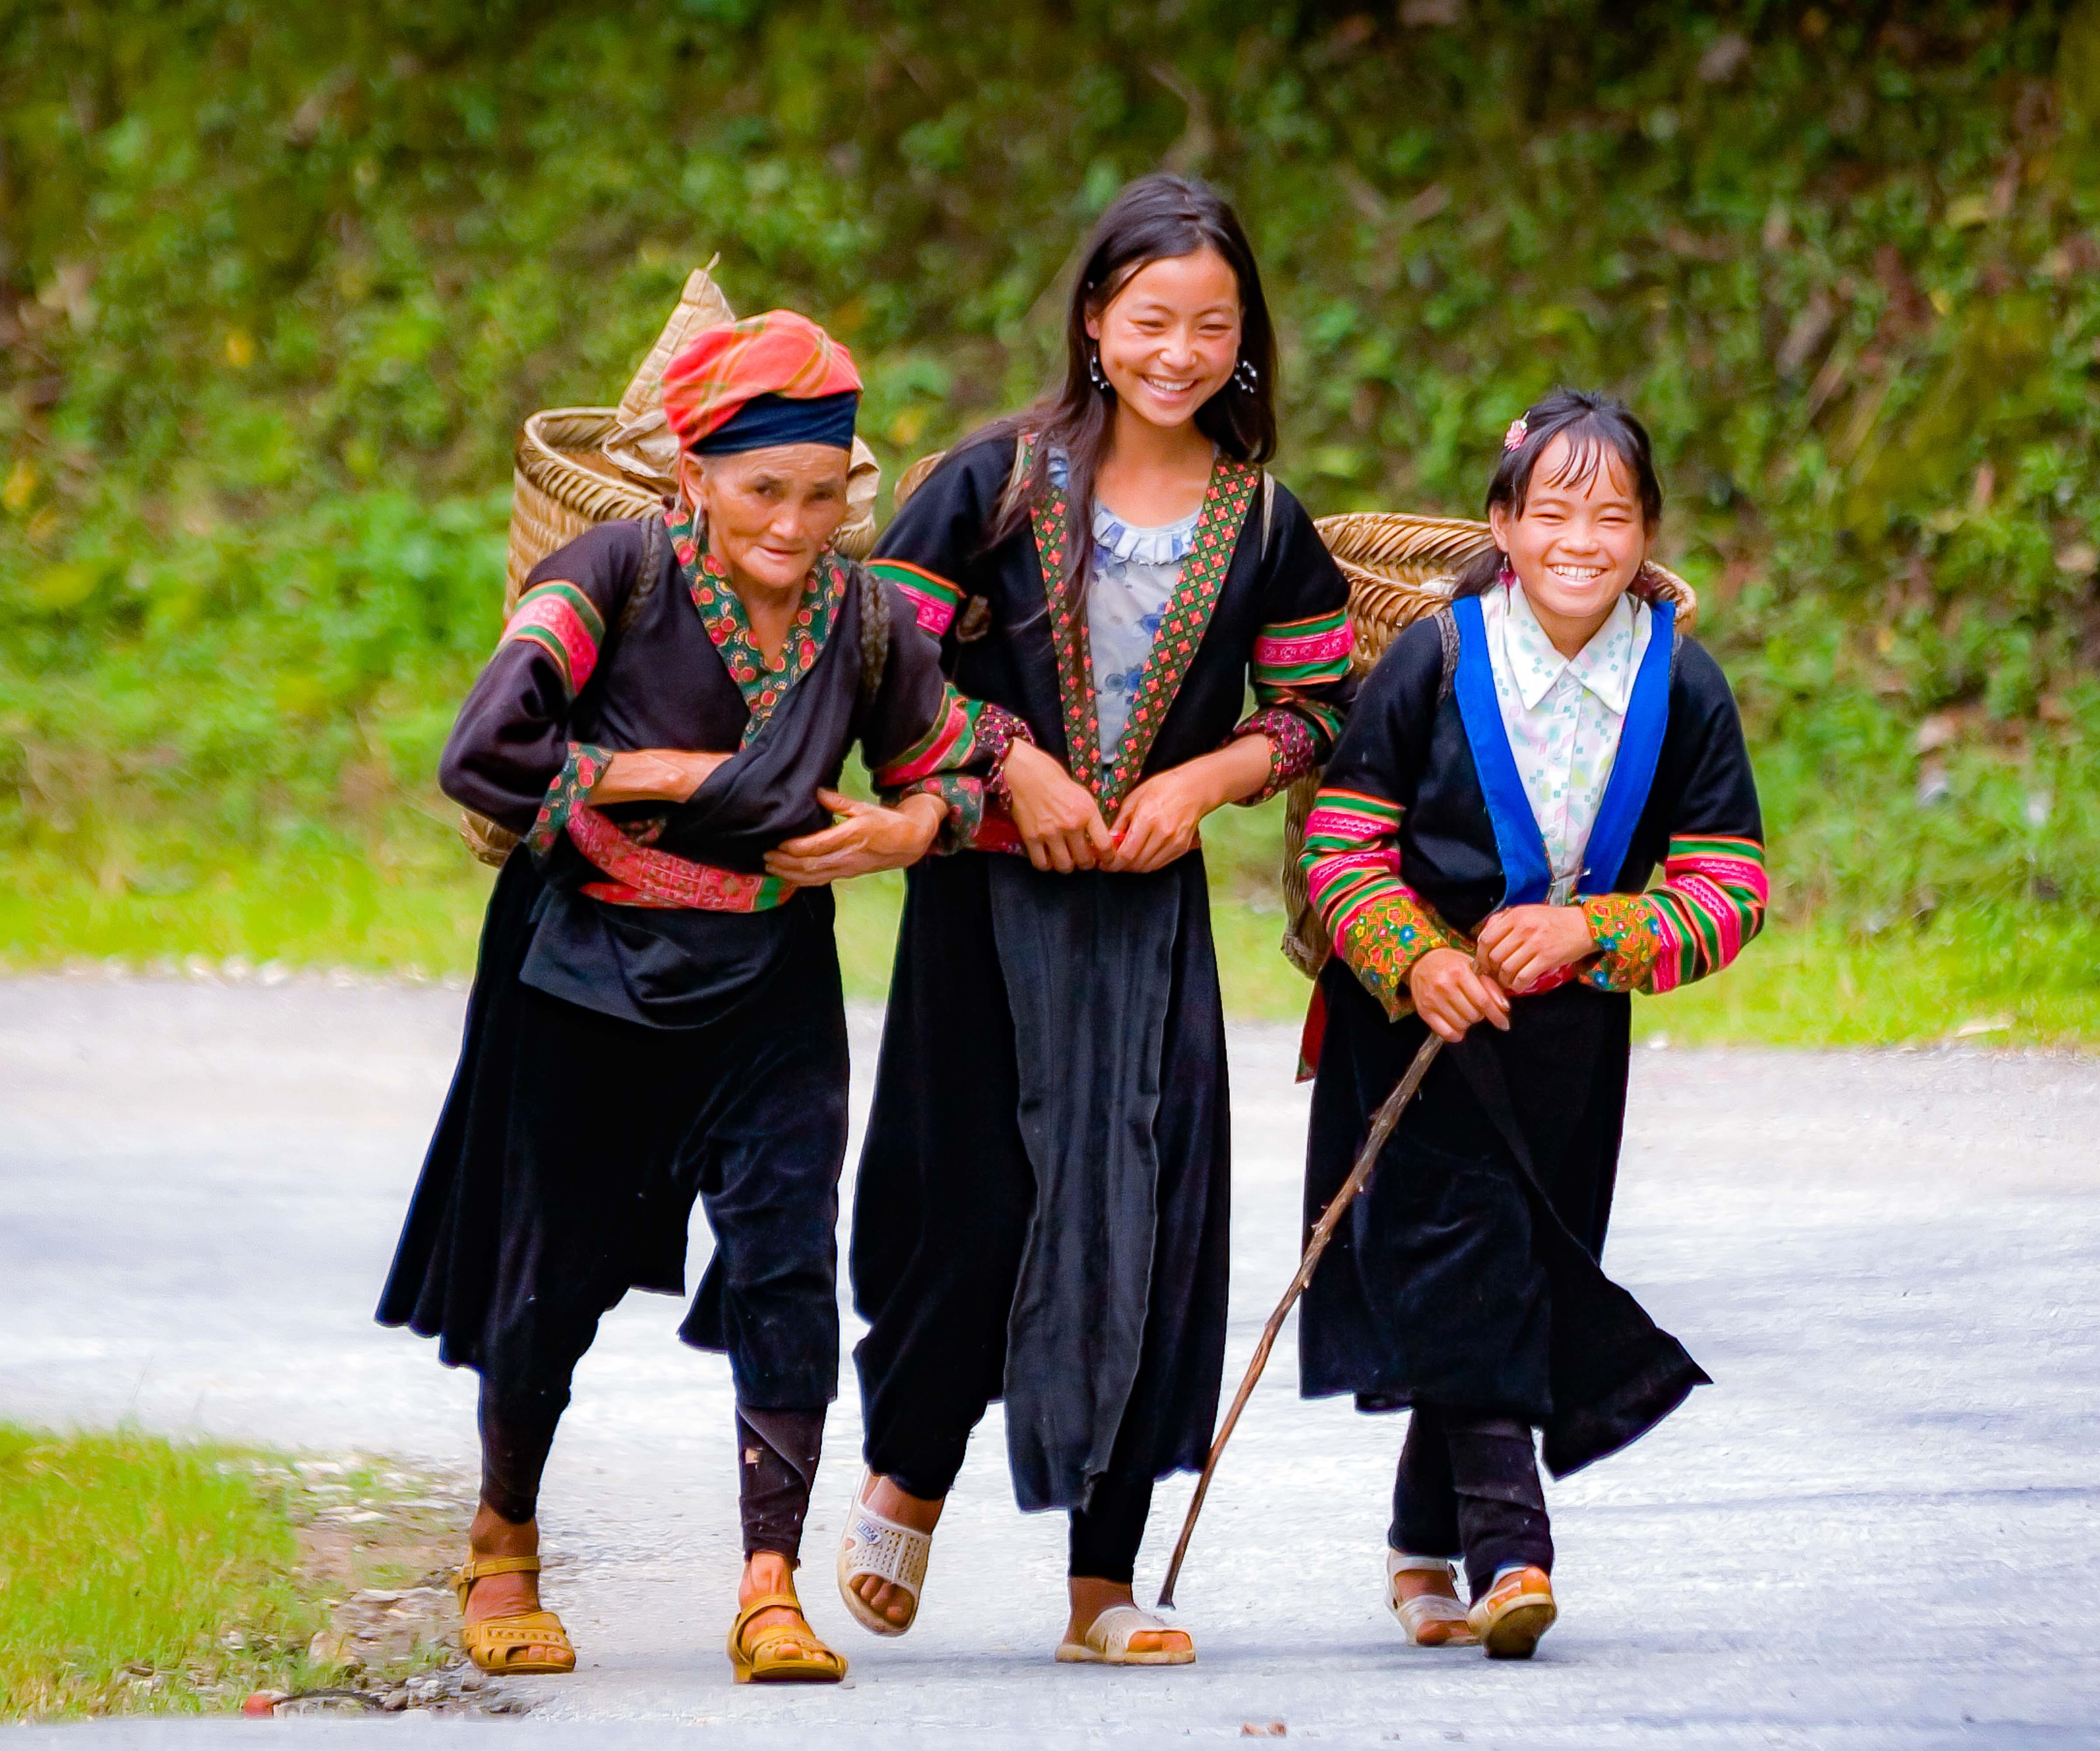 Vietnam, Lao Cai Prov, Trio, 2008, IMG_8228CU1